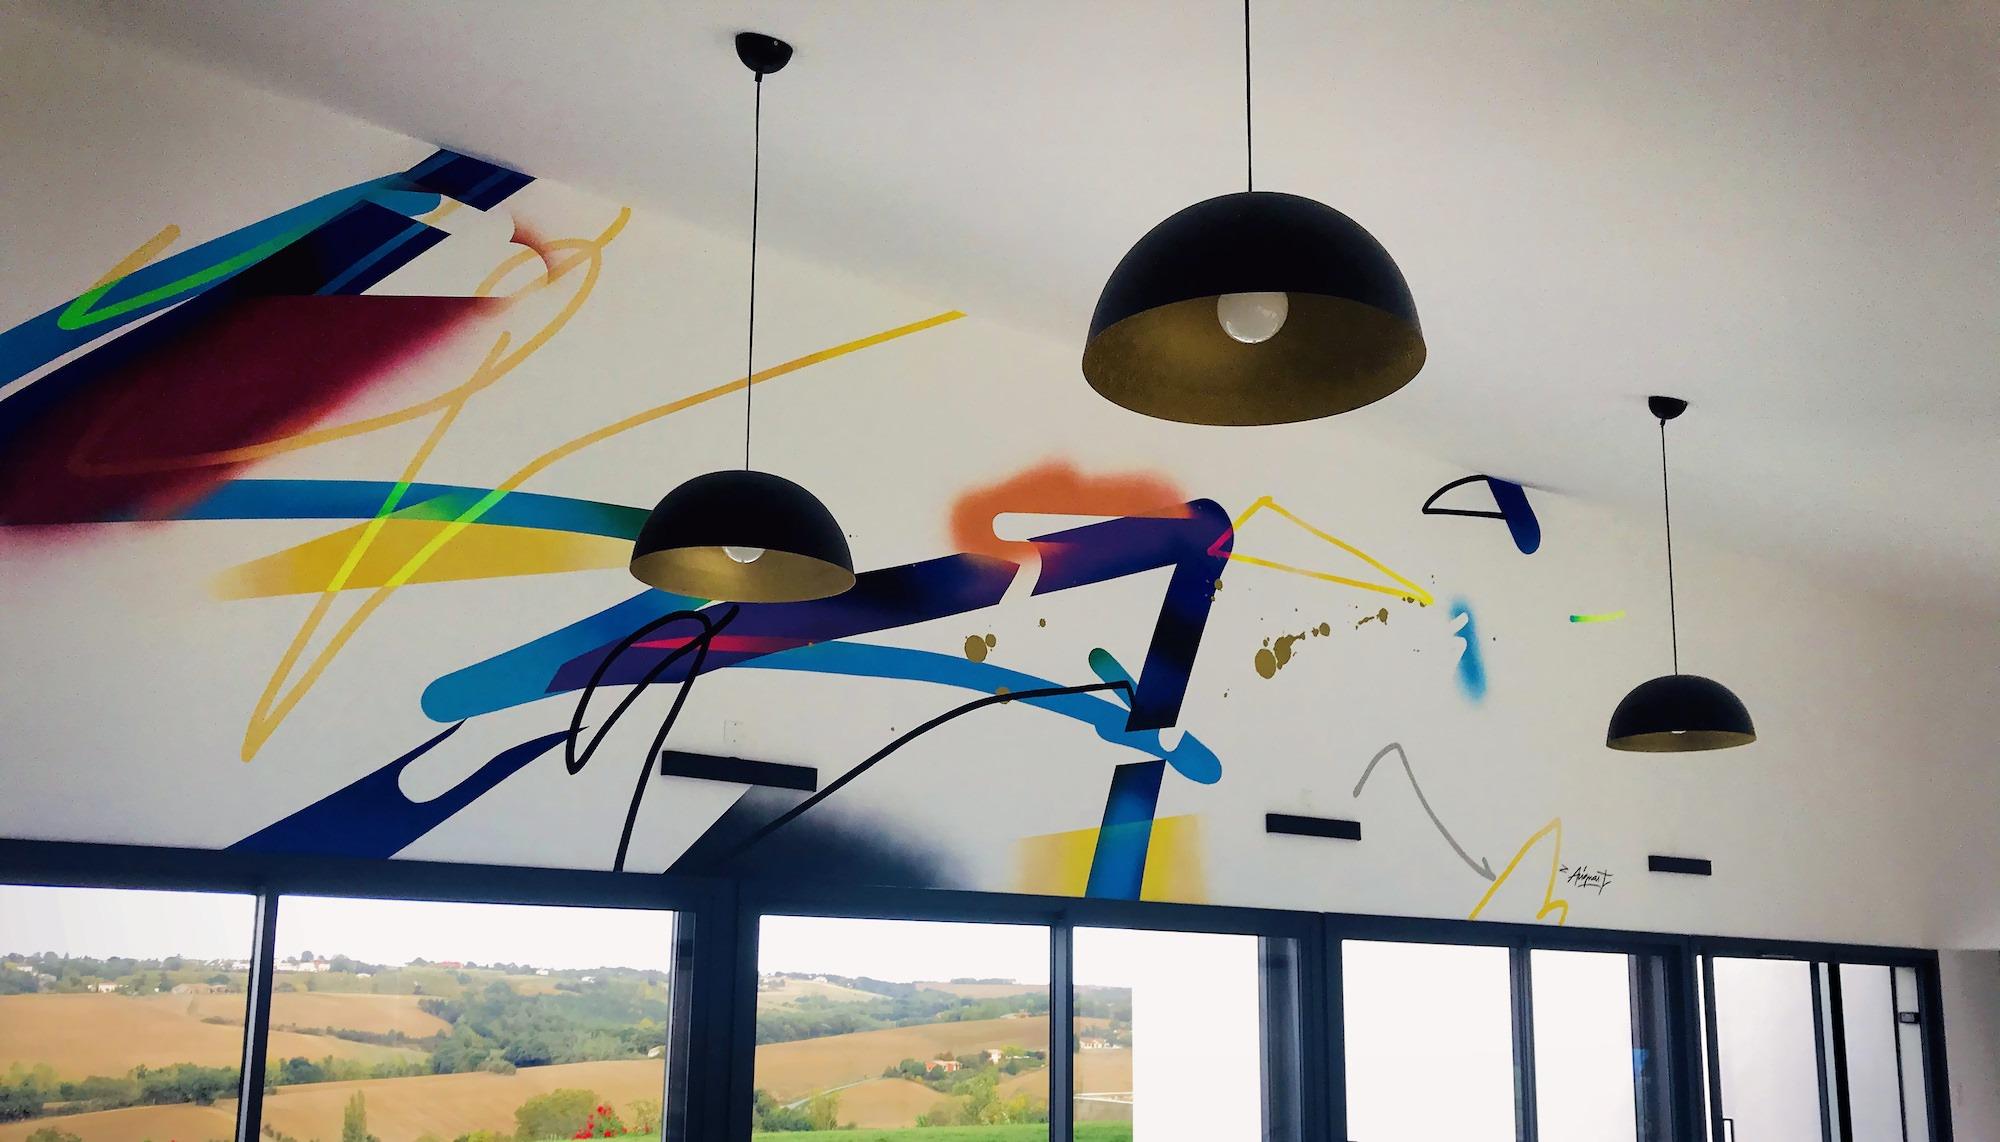 fresque-moderne-deco-interieur-abstrait-artiste-julien-avignon